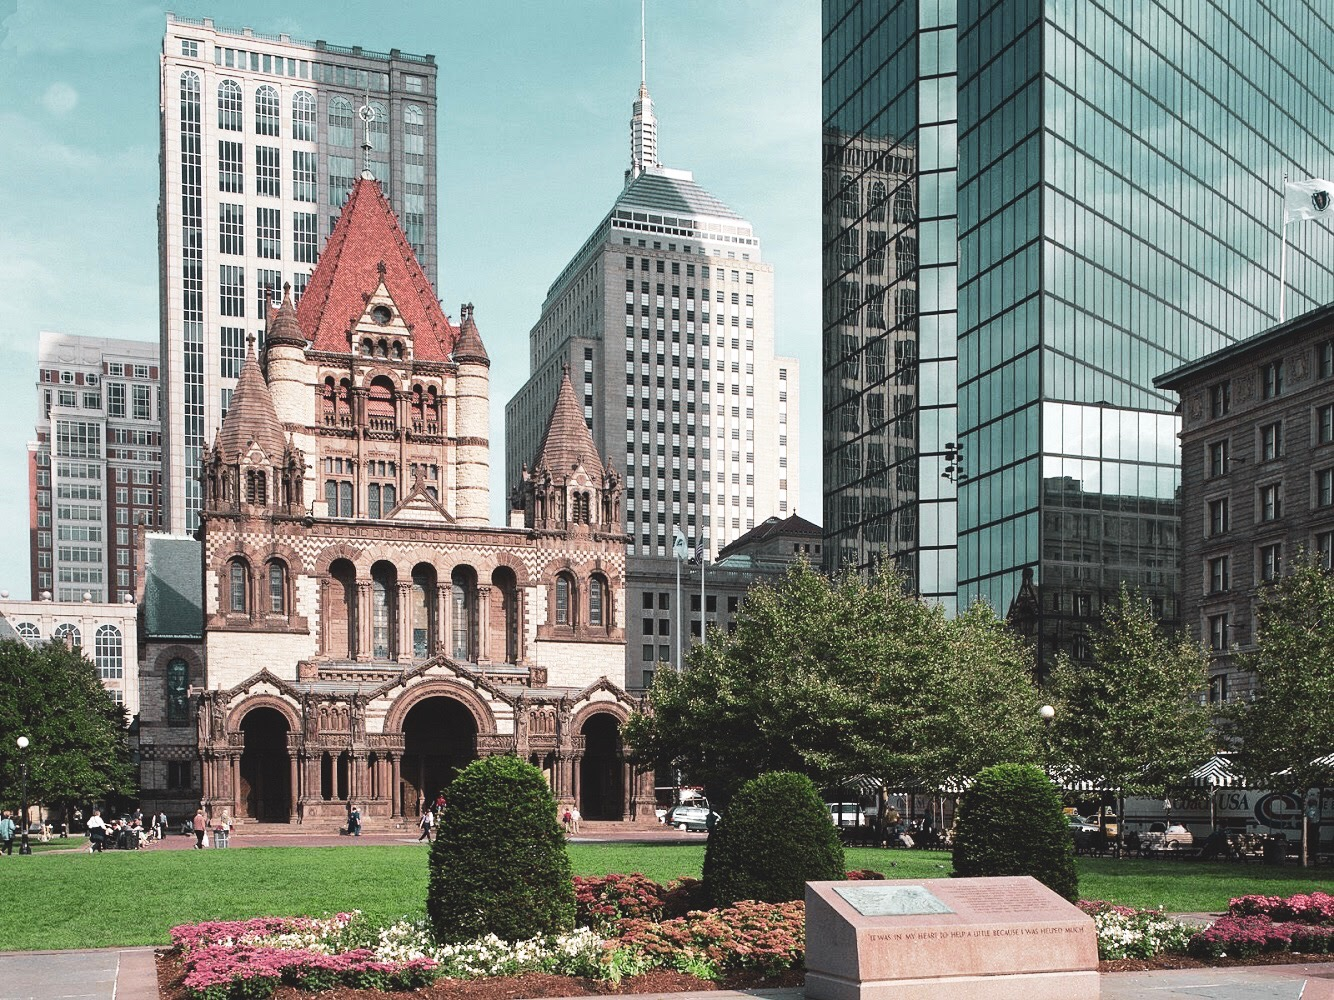 Boston-cosa-vedere-trinity-church-copley-square